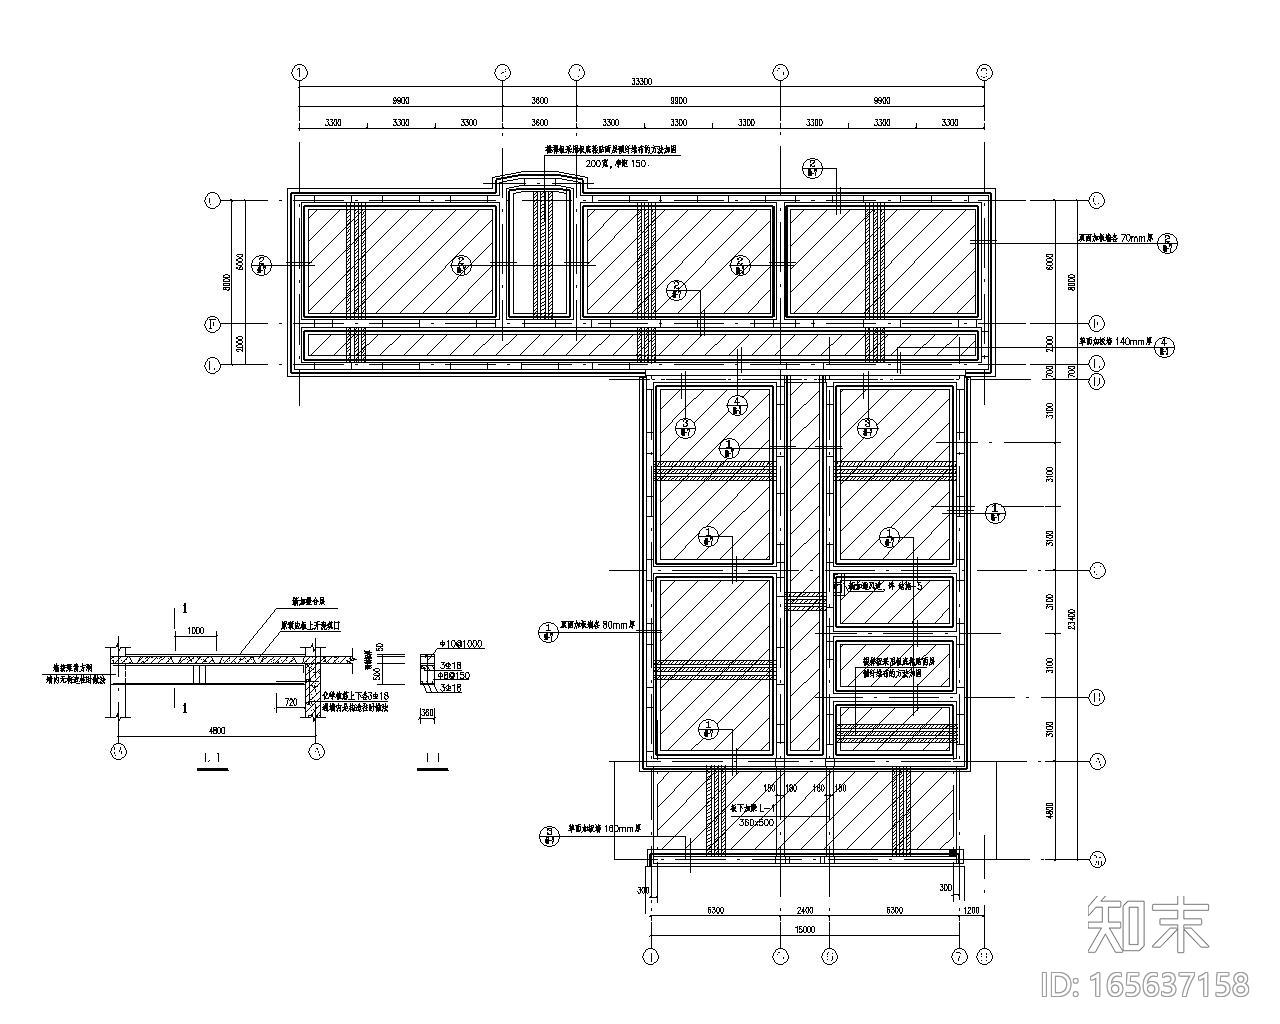 六层教学楼双面板墙加固施工图(CAD)施工图下载【ID:165637158】